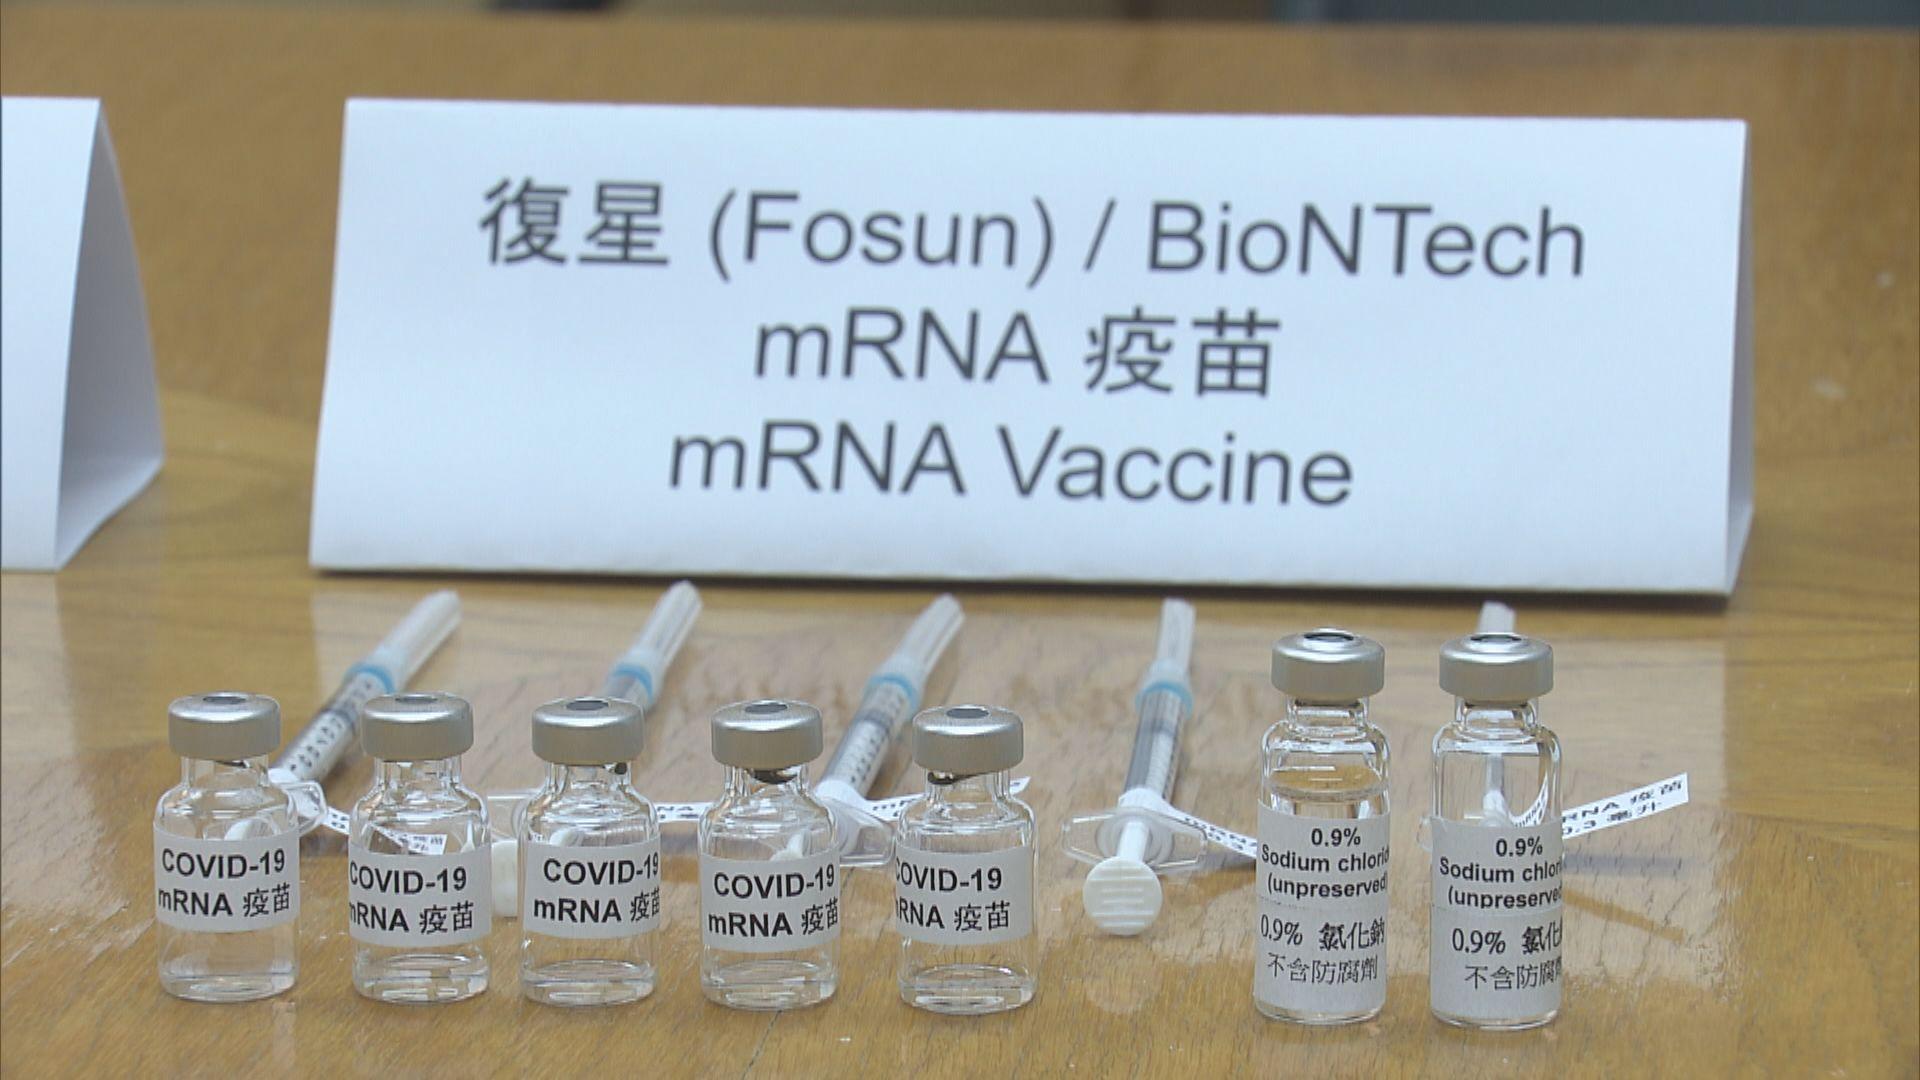 科學委員會建議接種科興者第三針可轉復必泰